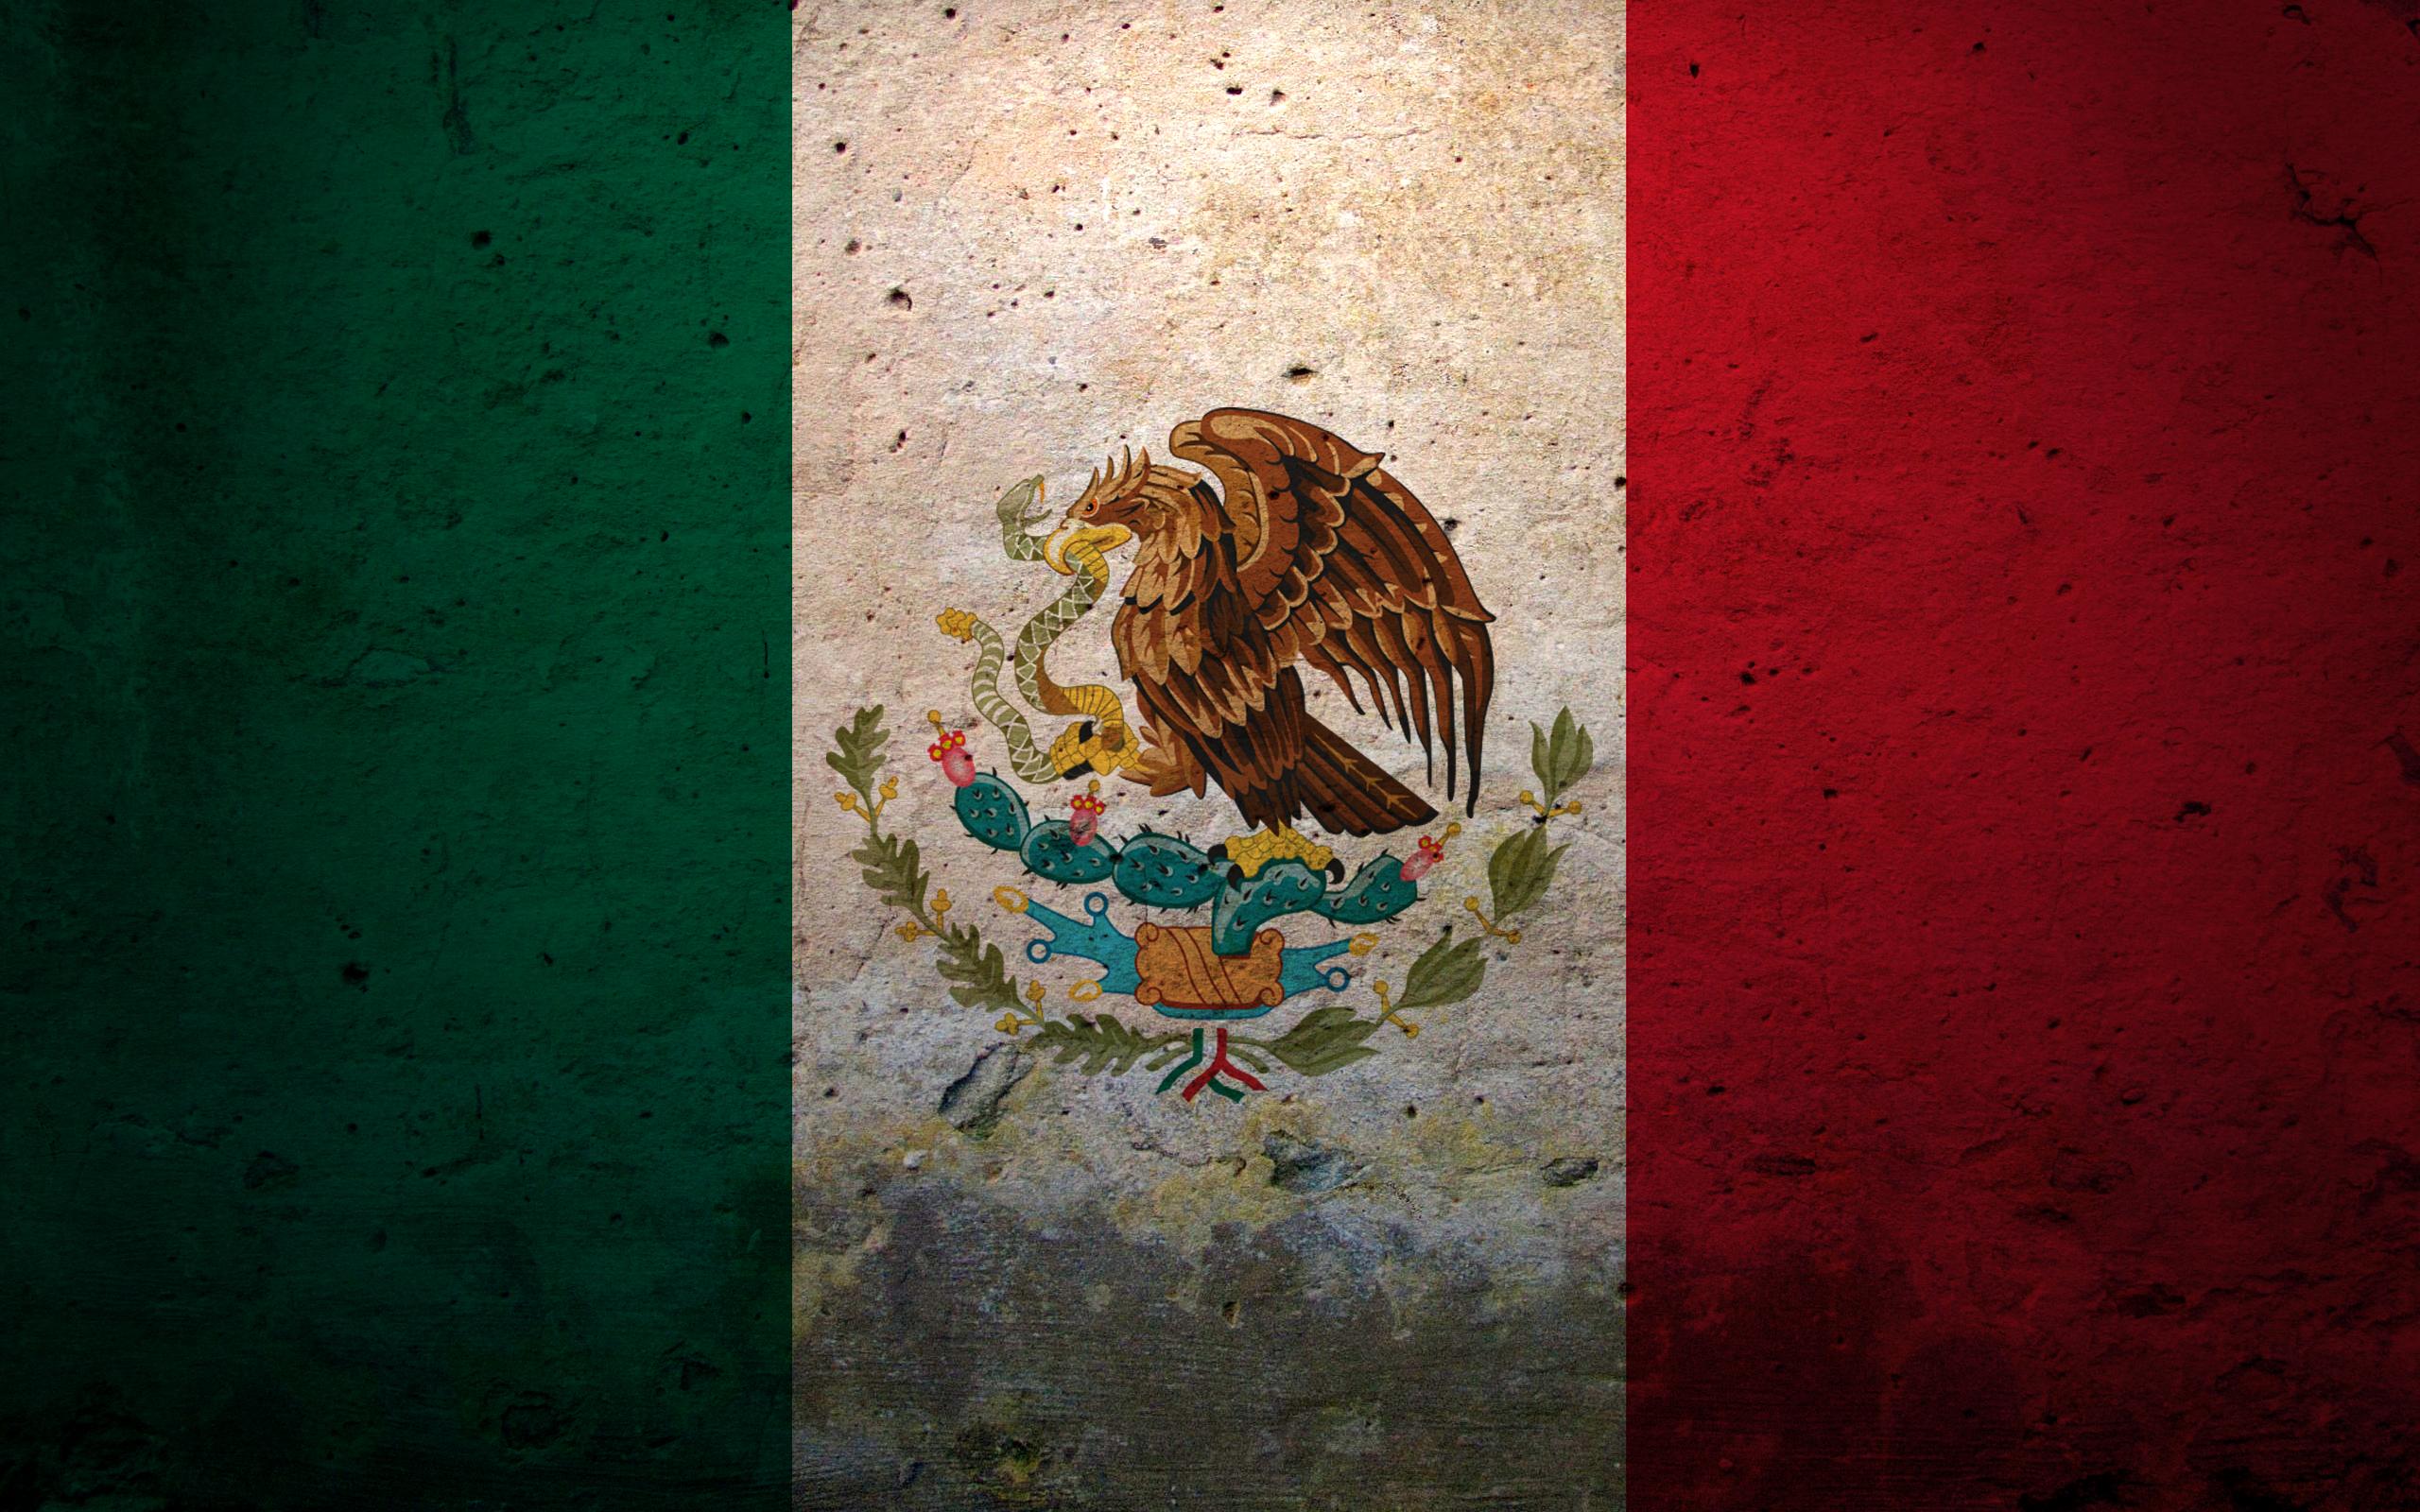 mexico flag mexico flag mexico flag mexico flag share mexico 2560x1600